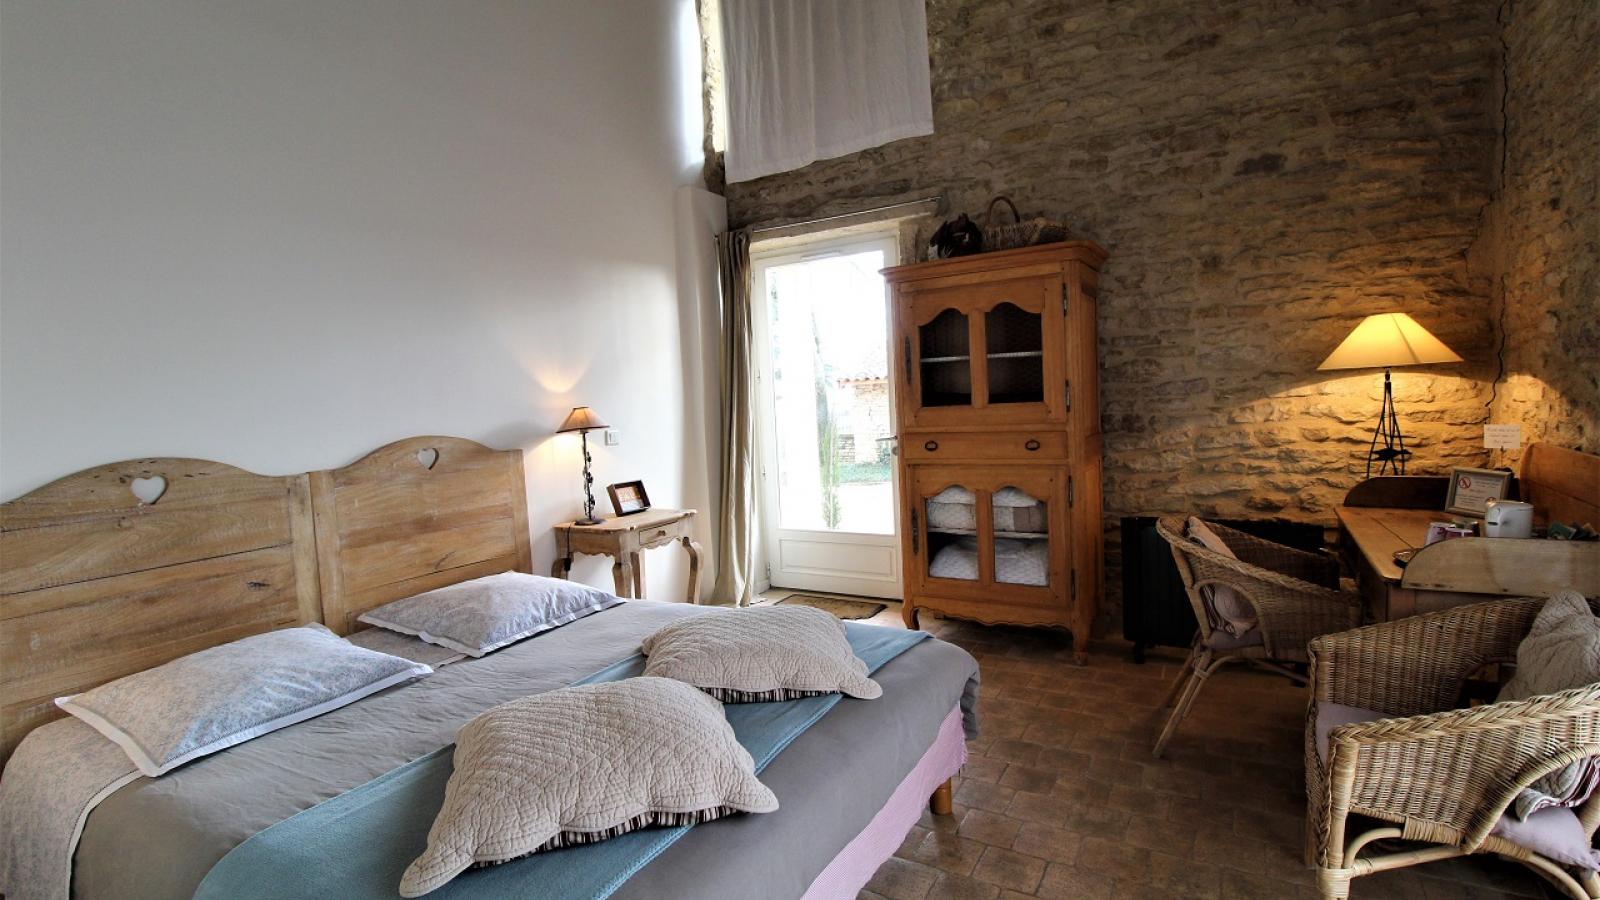 Chambres d'hôtes 'Le Clos de Pomeir' à Pommiers (Rhône, Beaujolais, proximité de Villefranche-sur-Saône) : la Chambre 'Naturelle' -rez-de-chaussée.